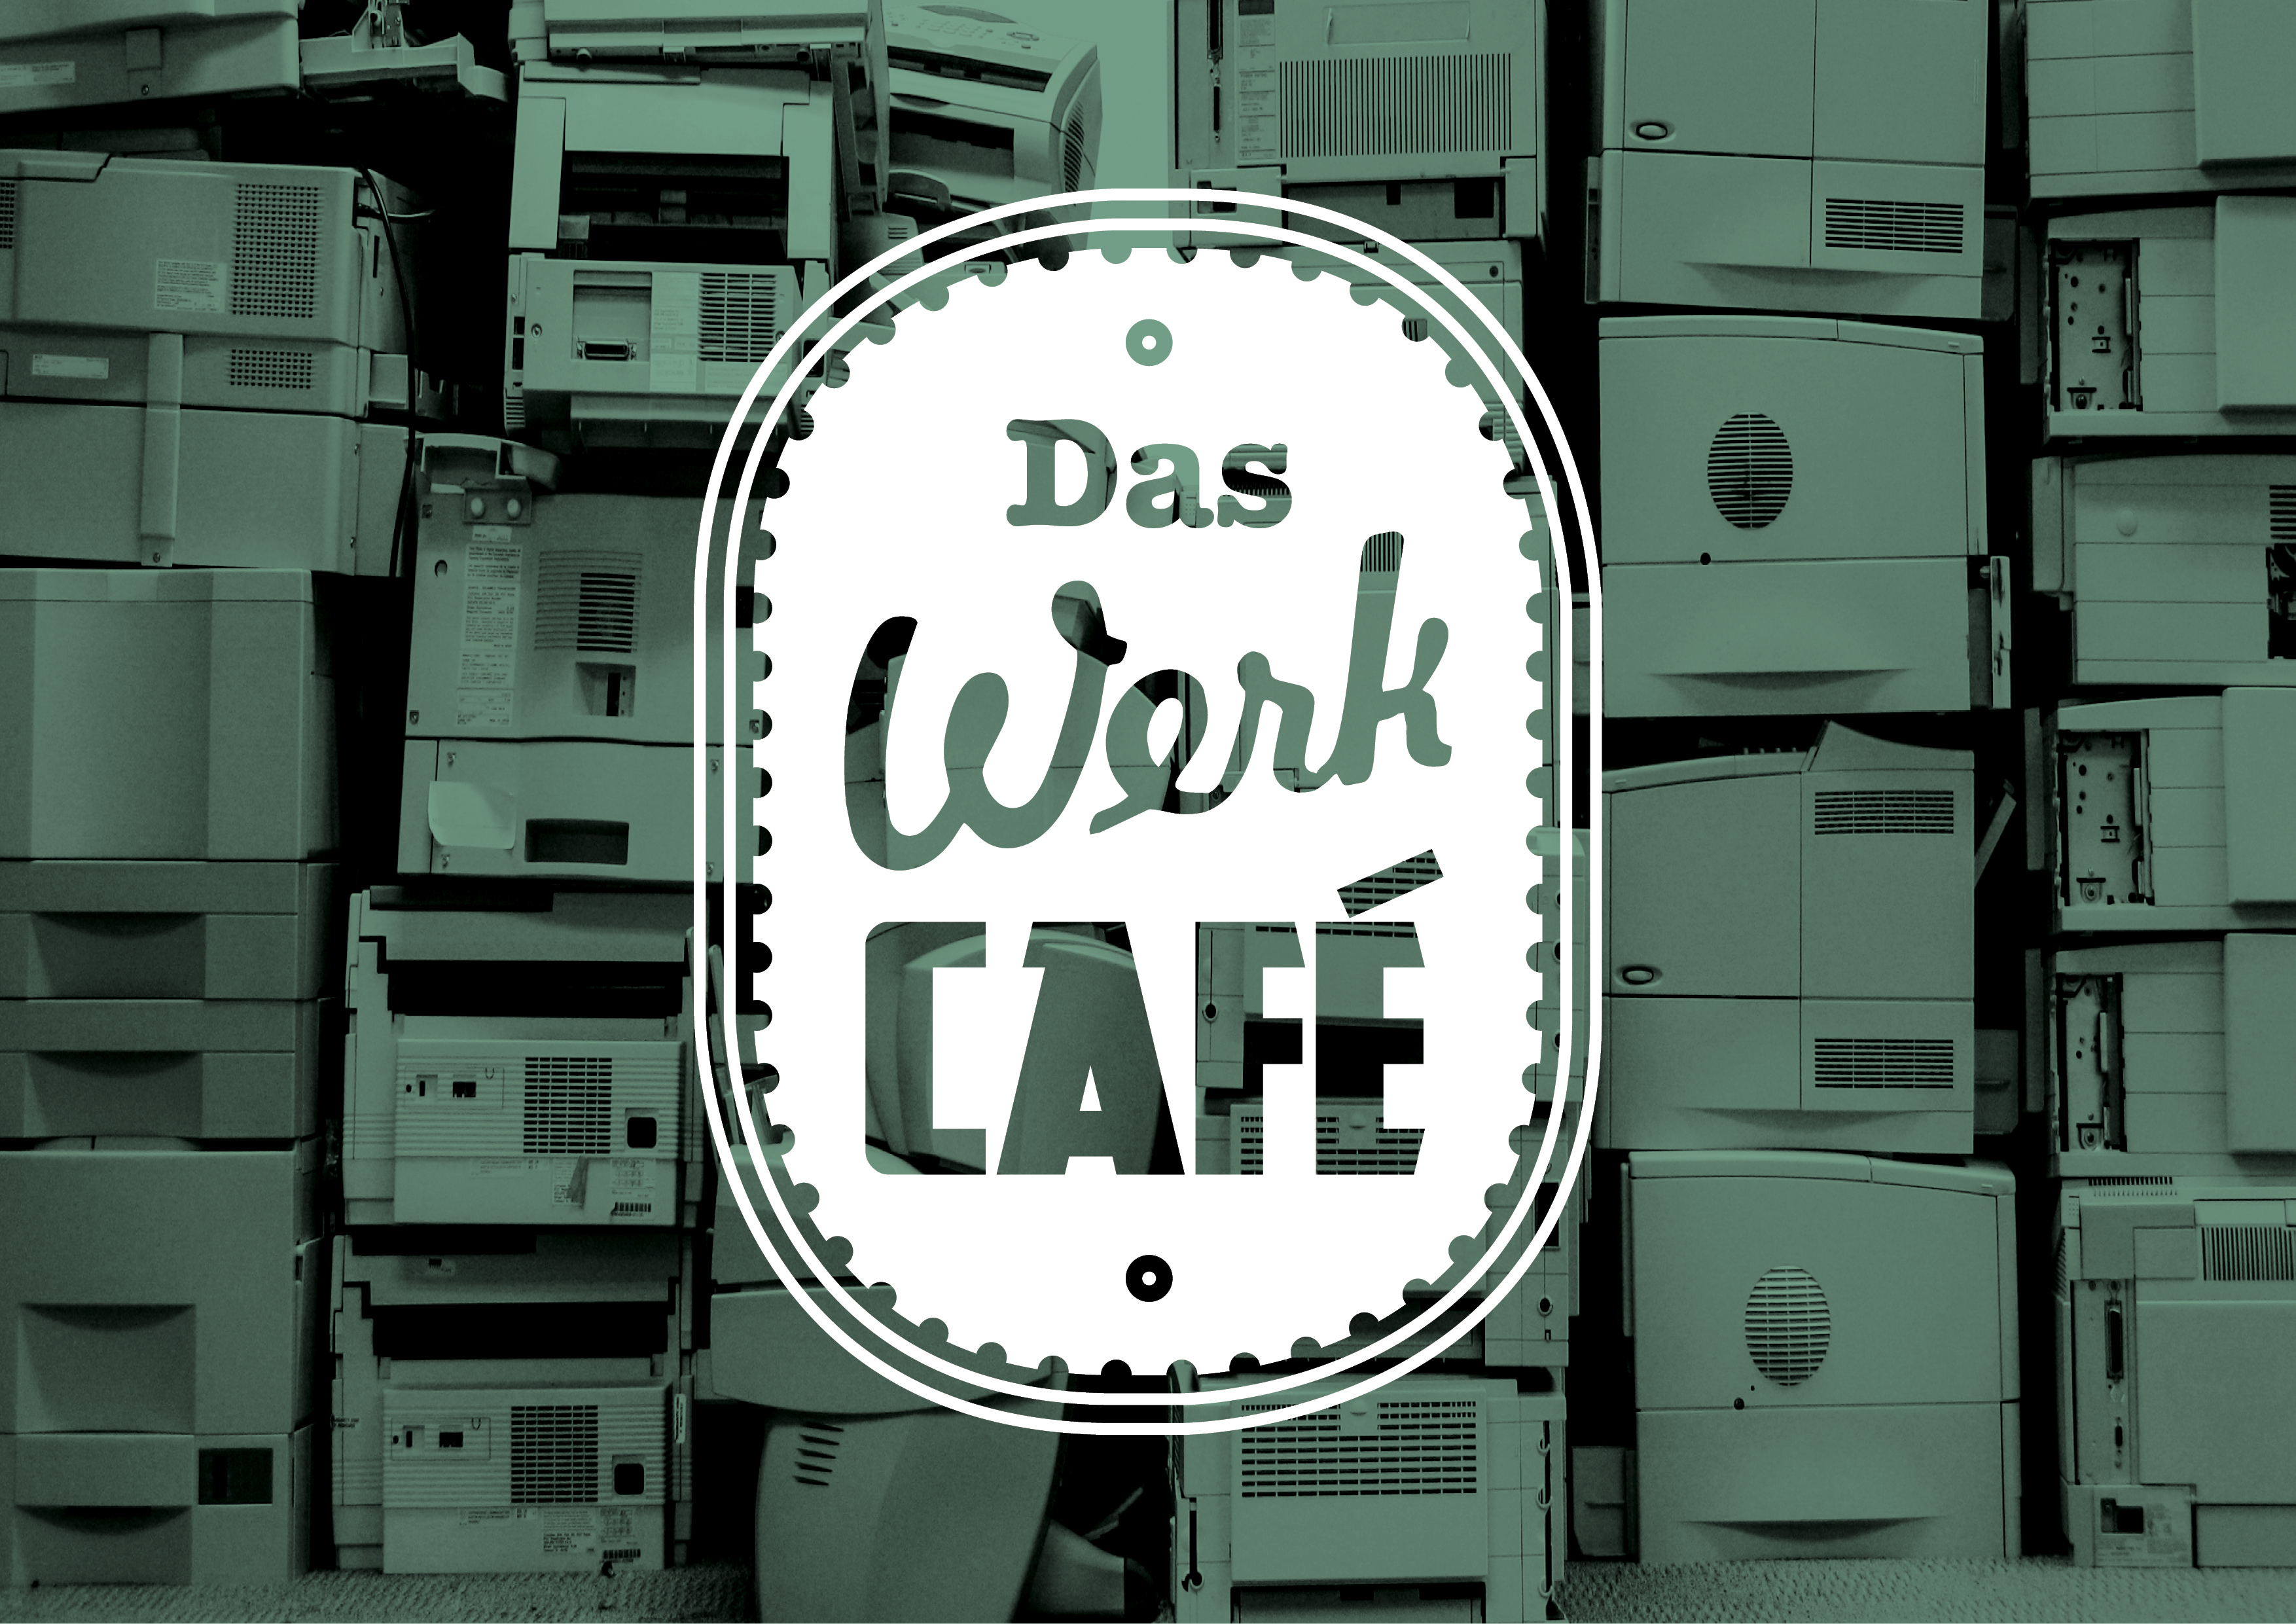 Werk Cafe Montage